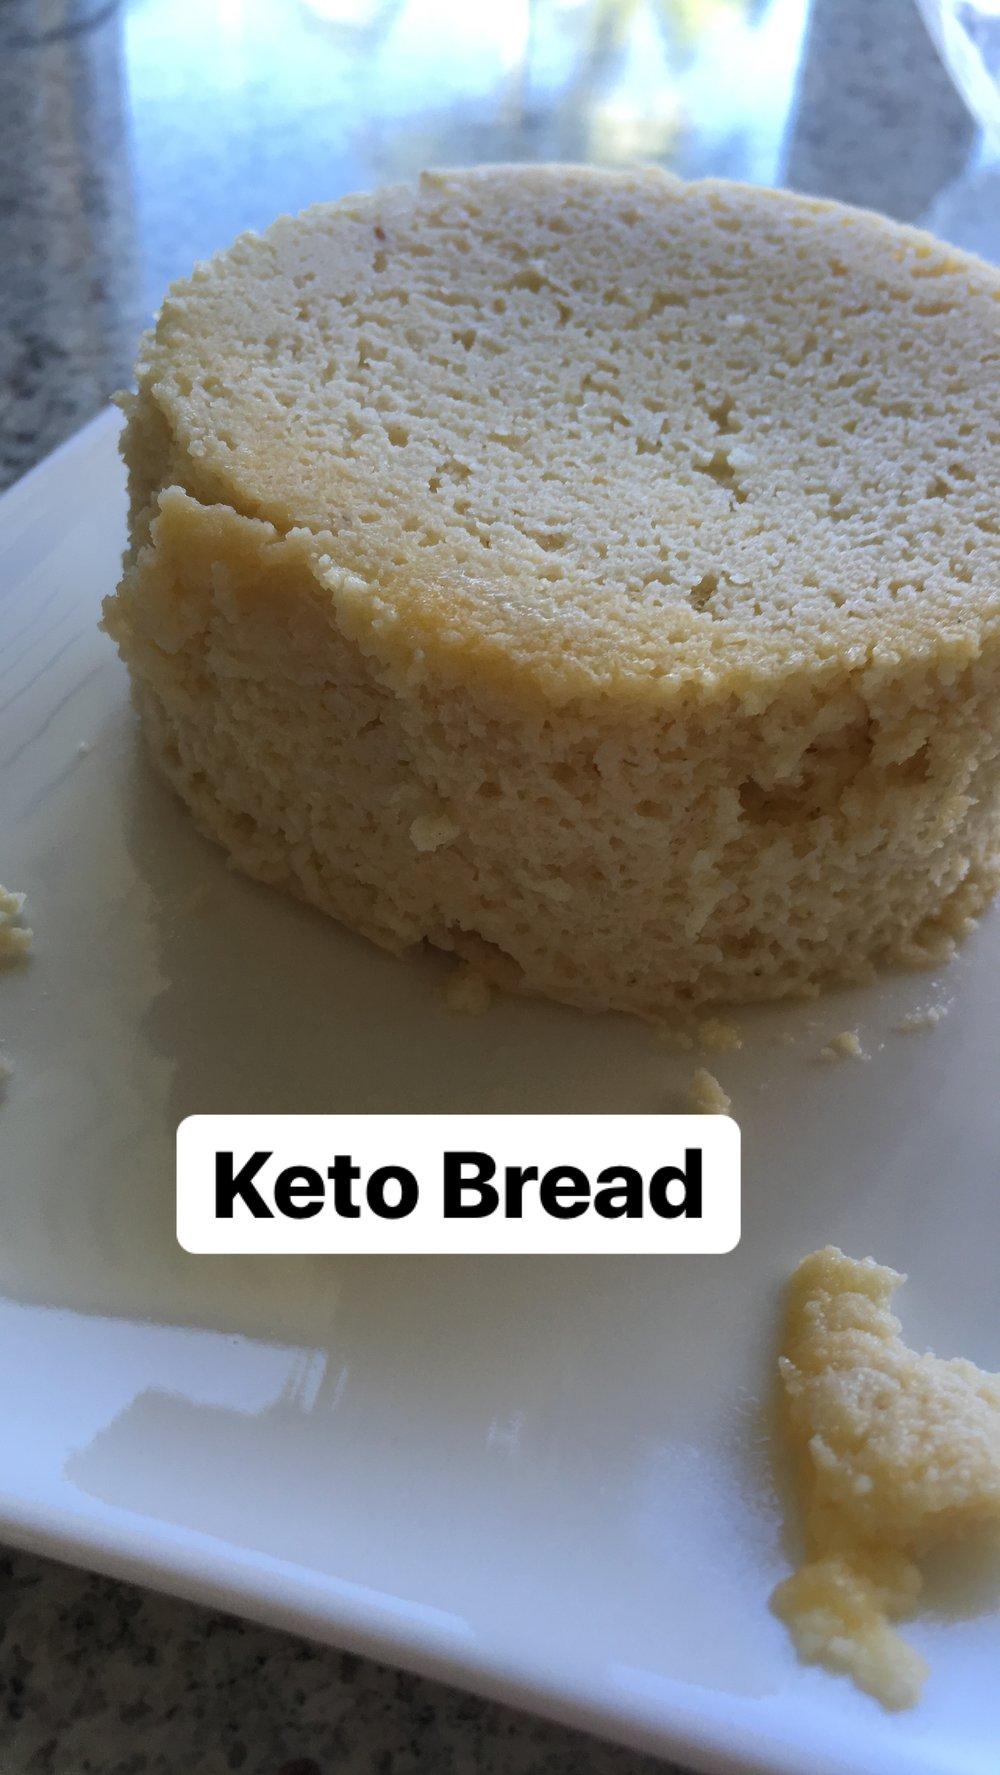 keto bread out of mug.JPG